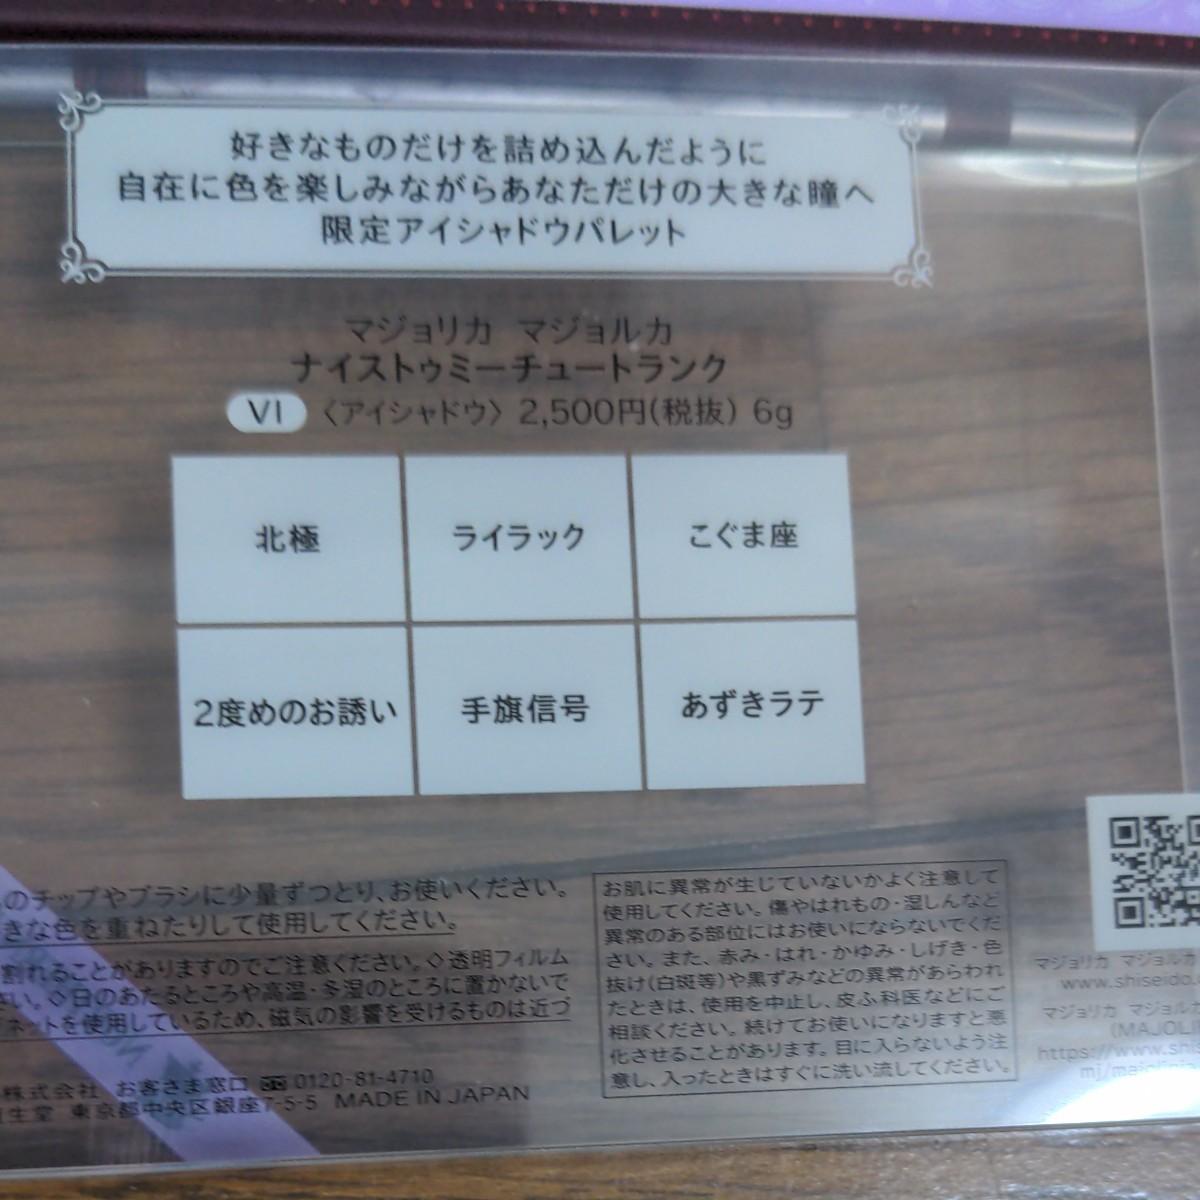 マジョリカマジョルカ ナイストゥミーチュートランク【限定品】